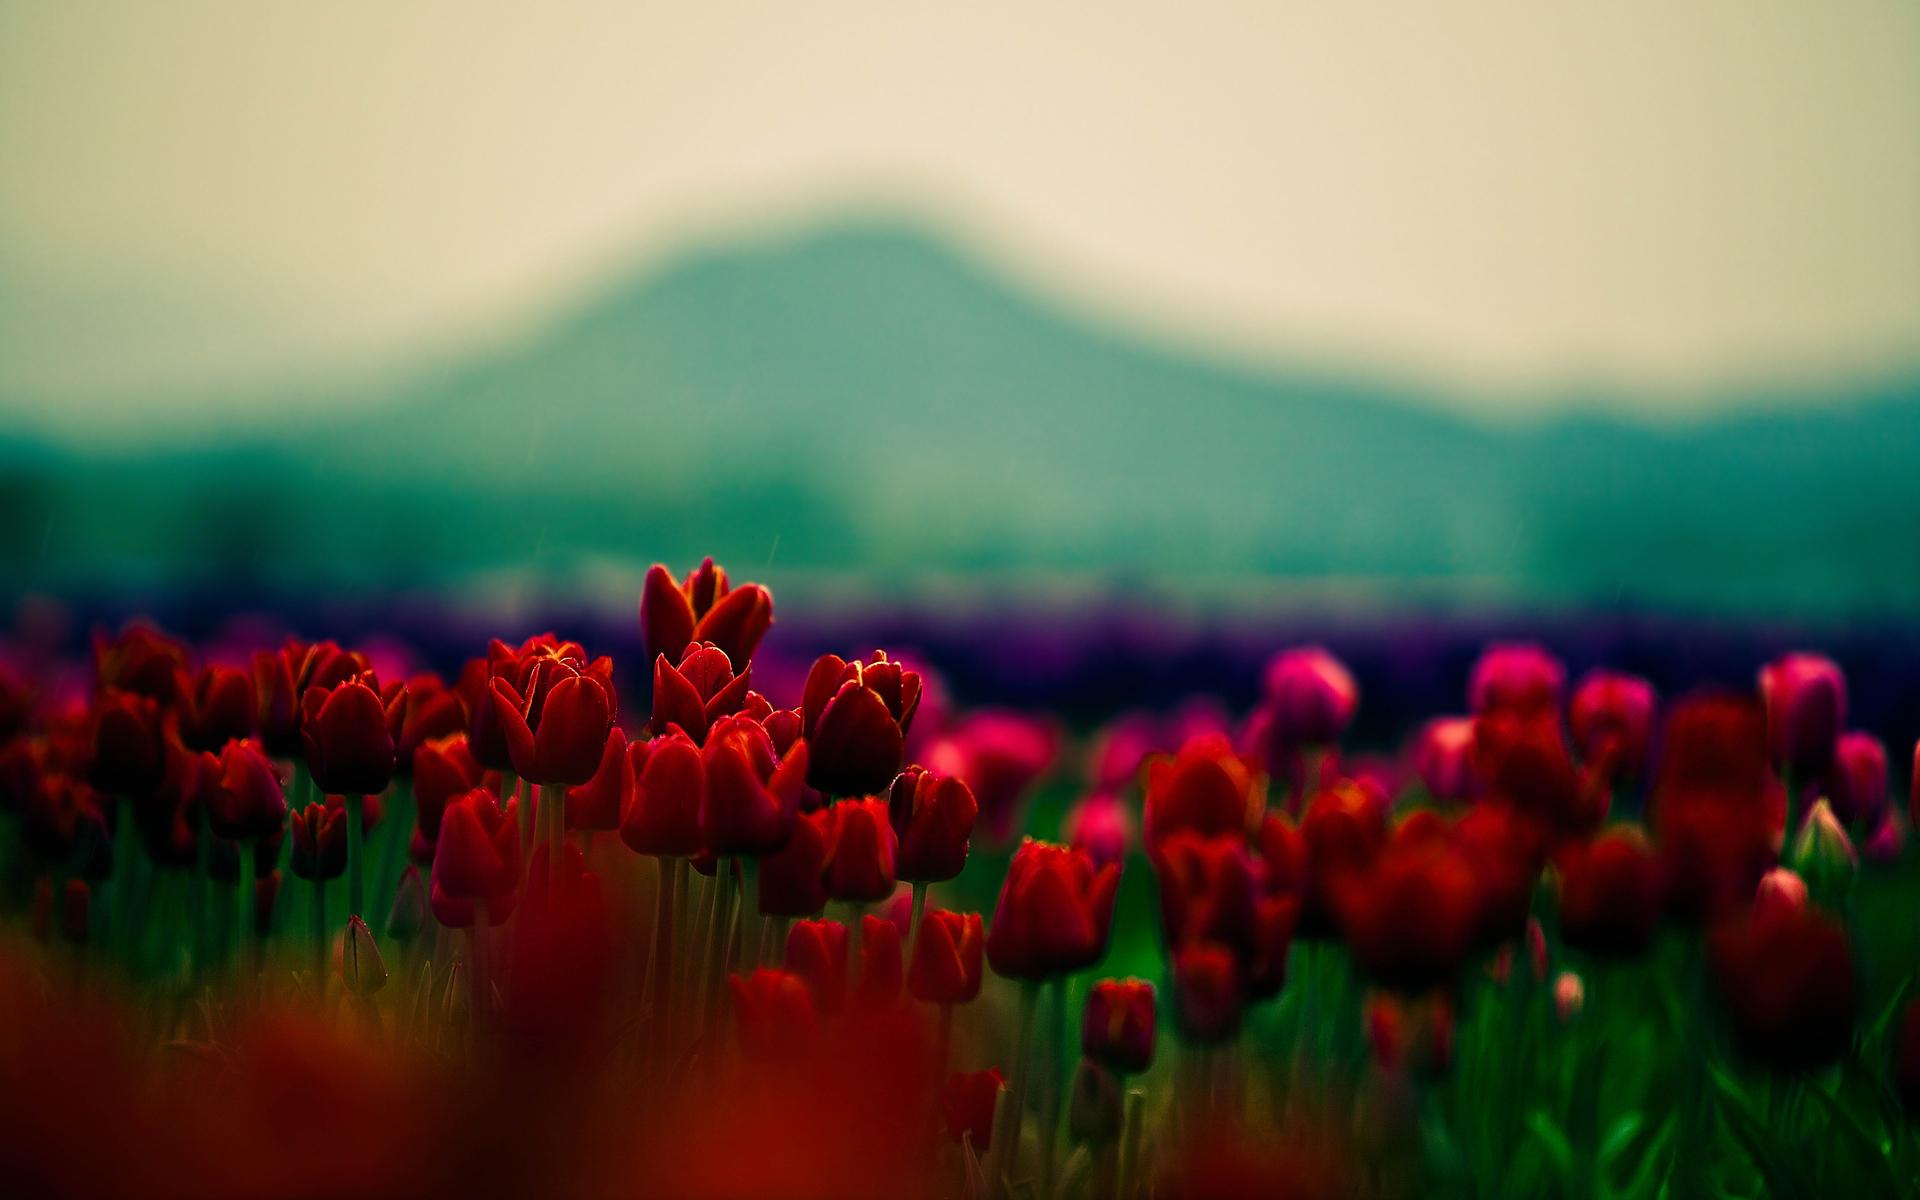 природа цветы красный бесплатно